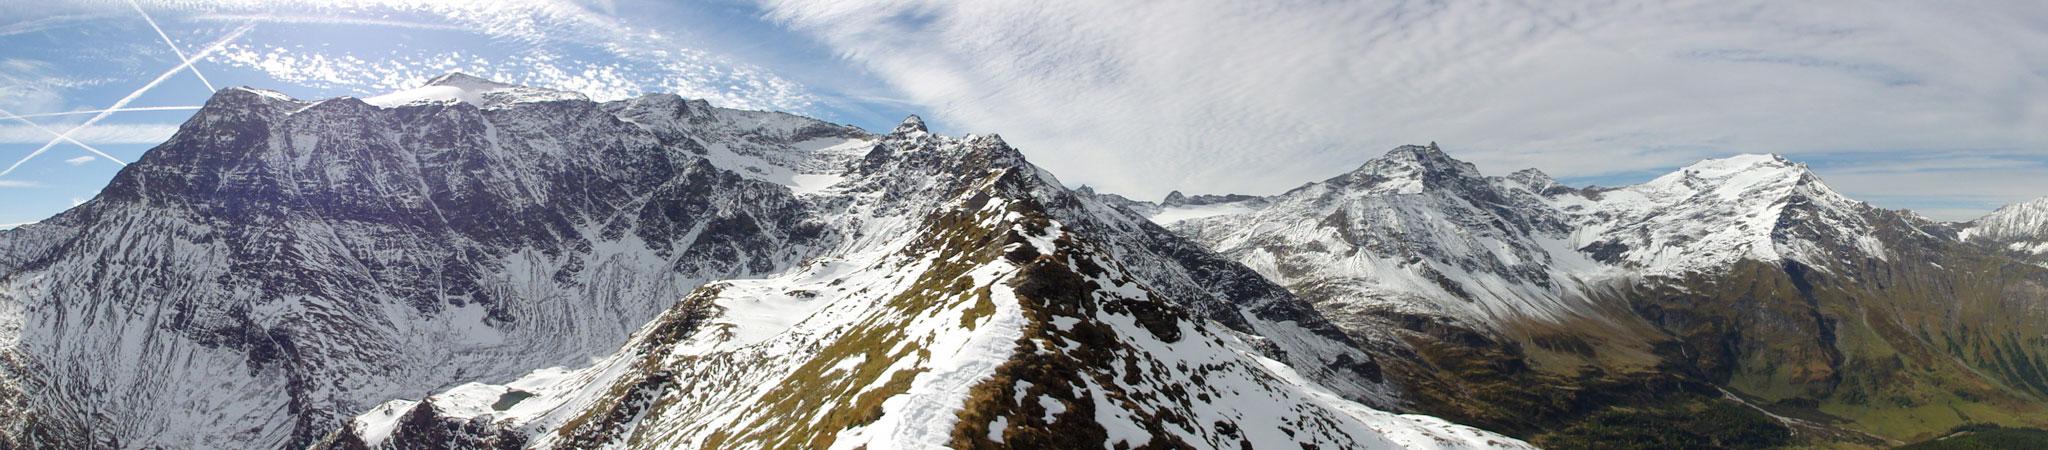 Arnoweg: Panorama auf der Riffelscharte mit Schareck (3.123 m) links und Hohen Sonnblick (3106 m) & Hocharn (3.254 m) rechts im Bild